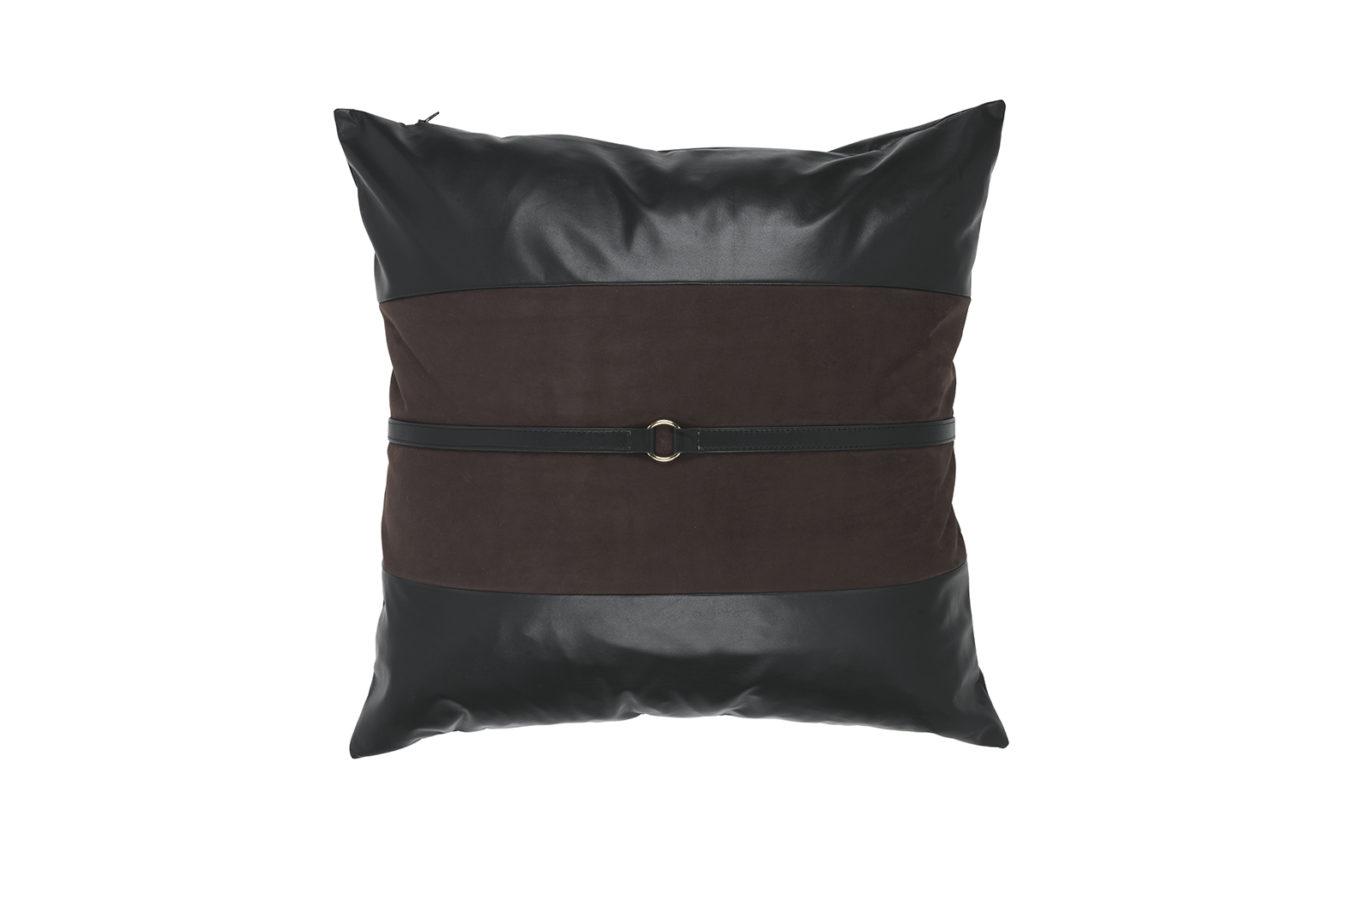 Gianfranco Ferre Home Coreen Cushion